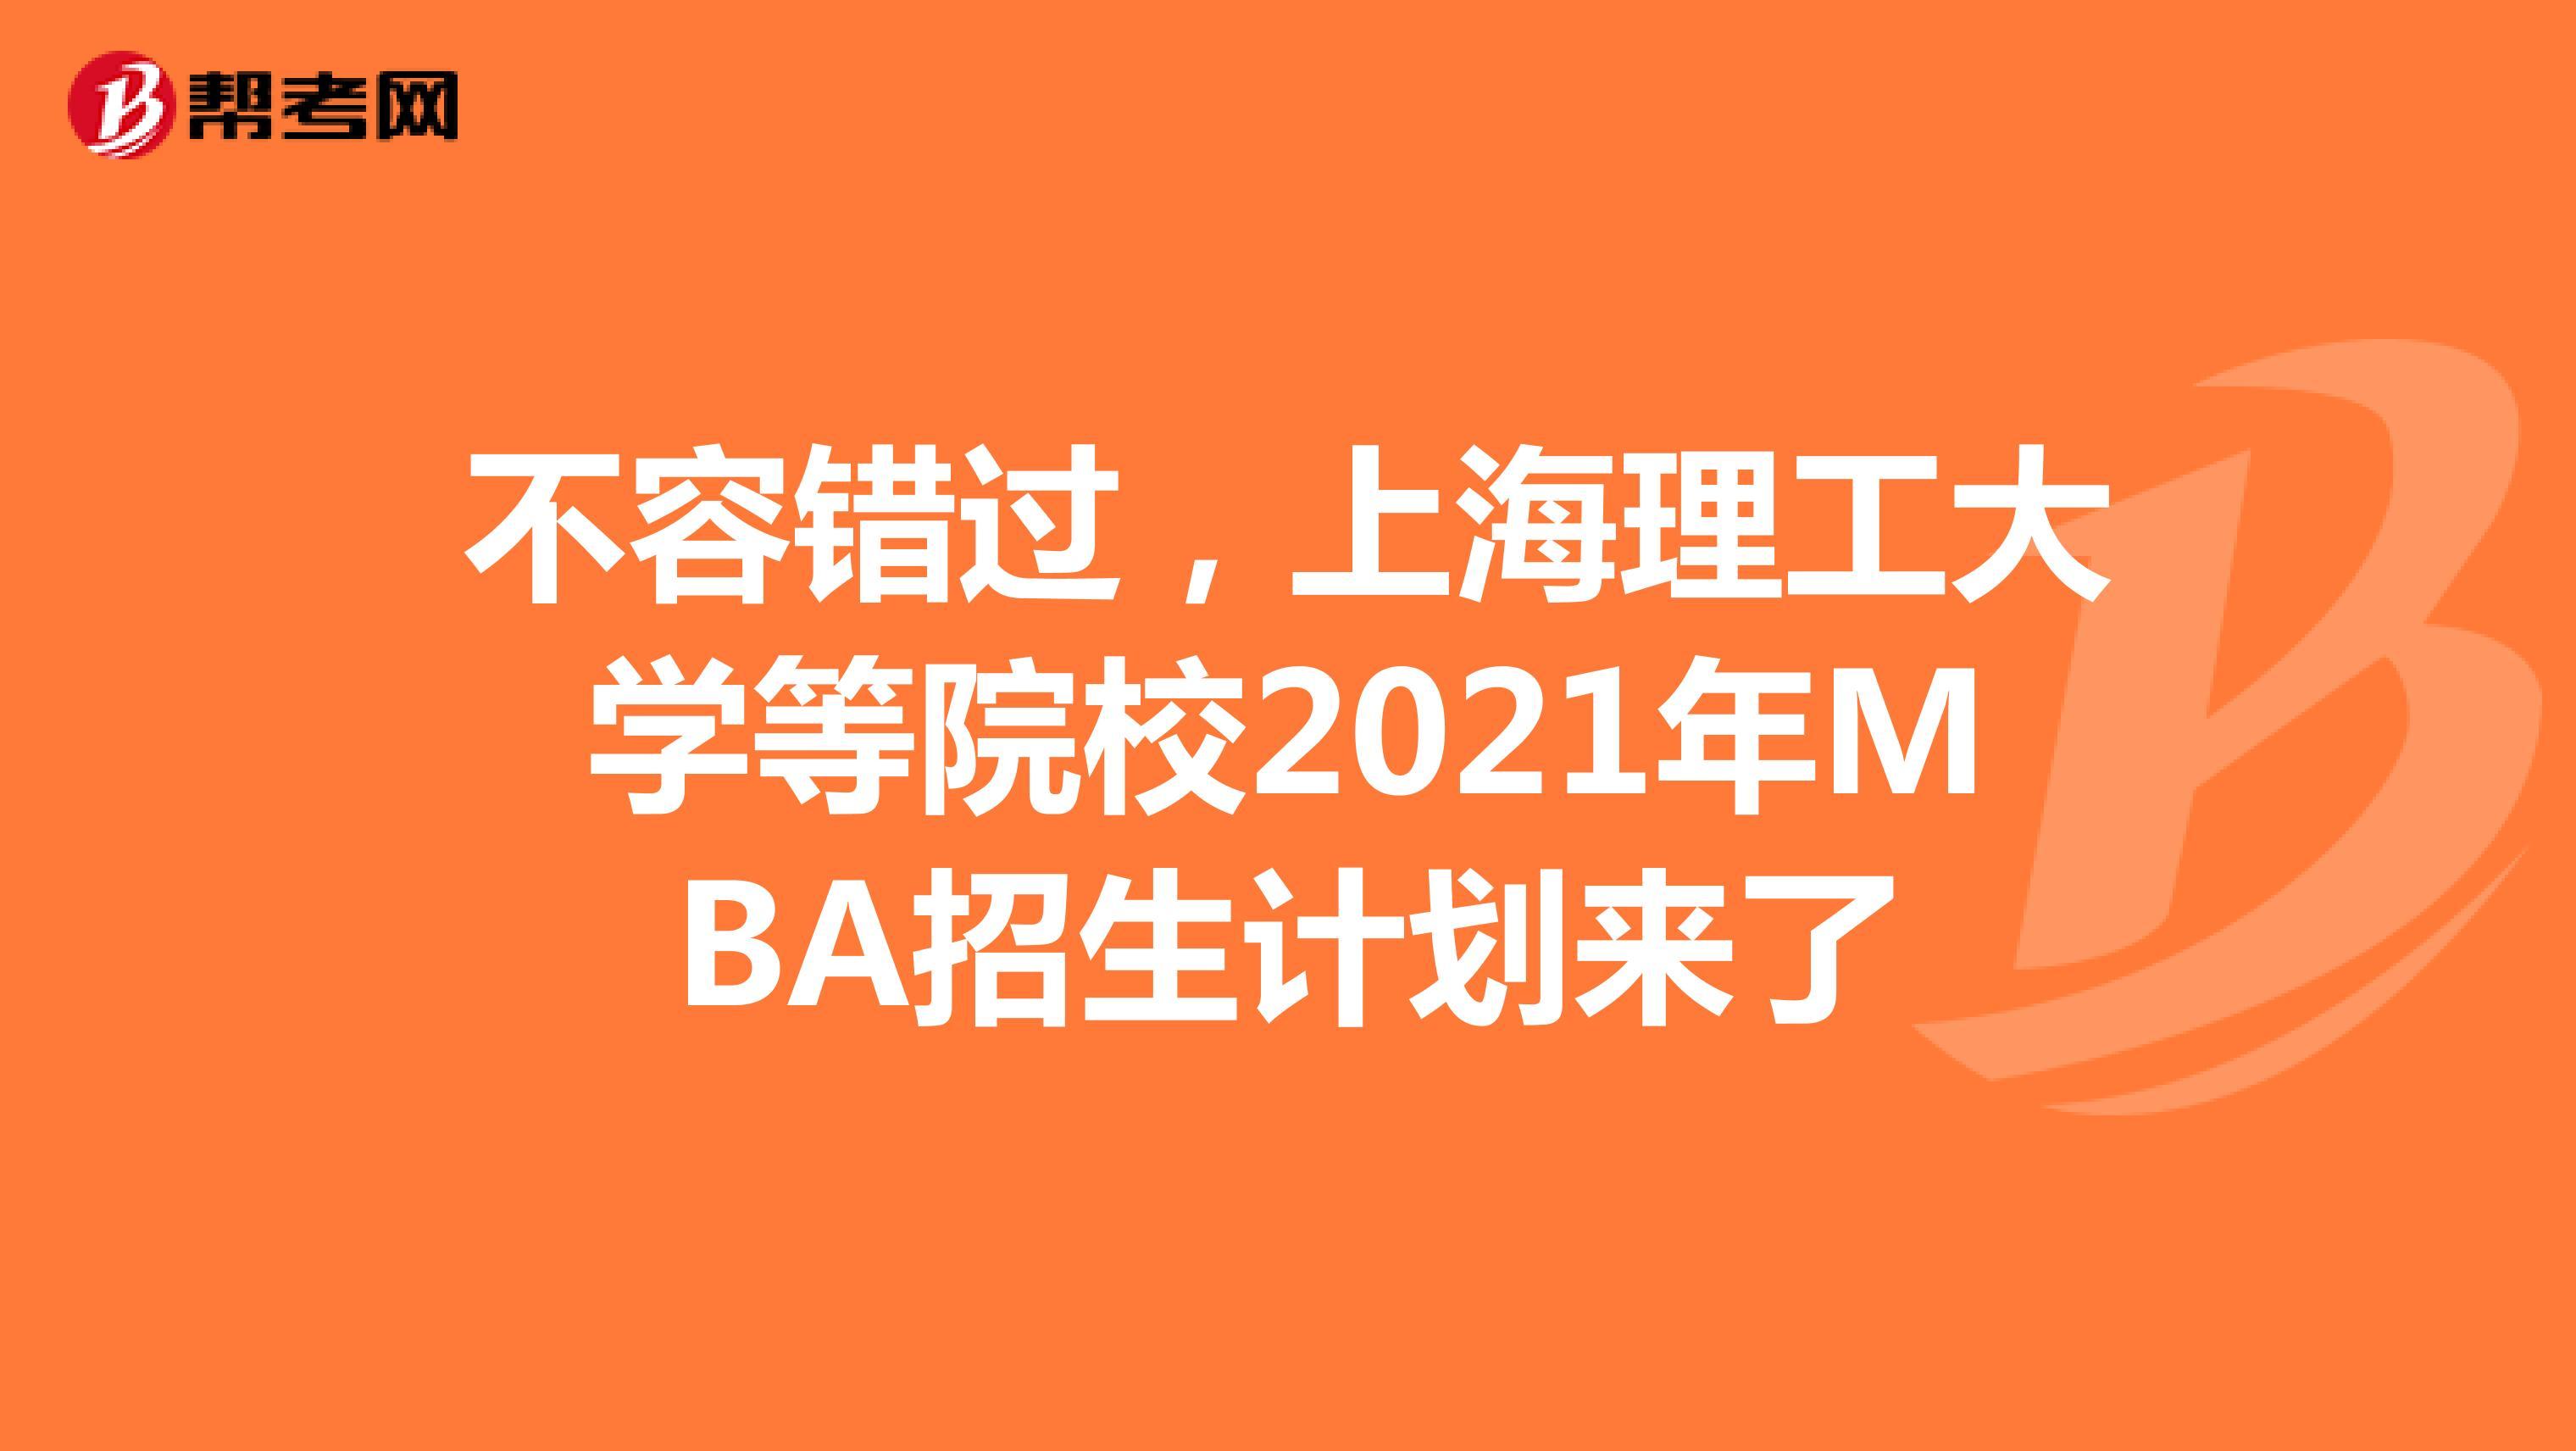 不容错过,上海理工大学等院校2021年MBA招生计划来了